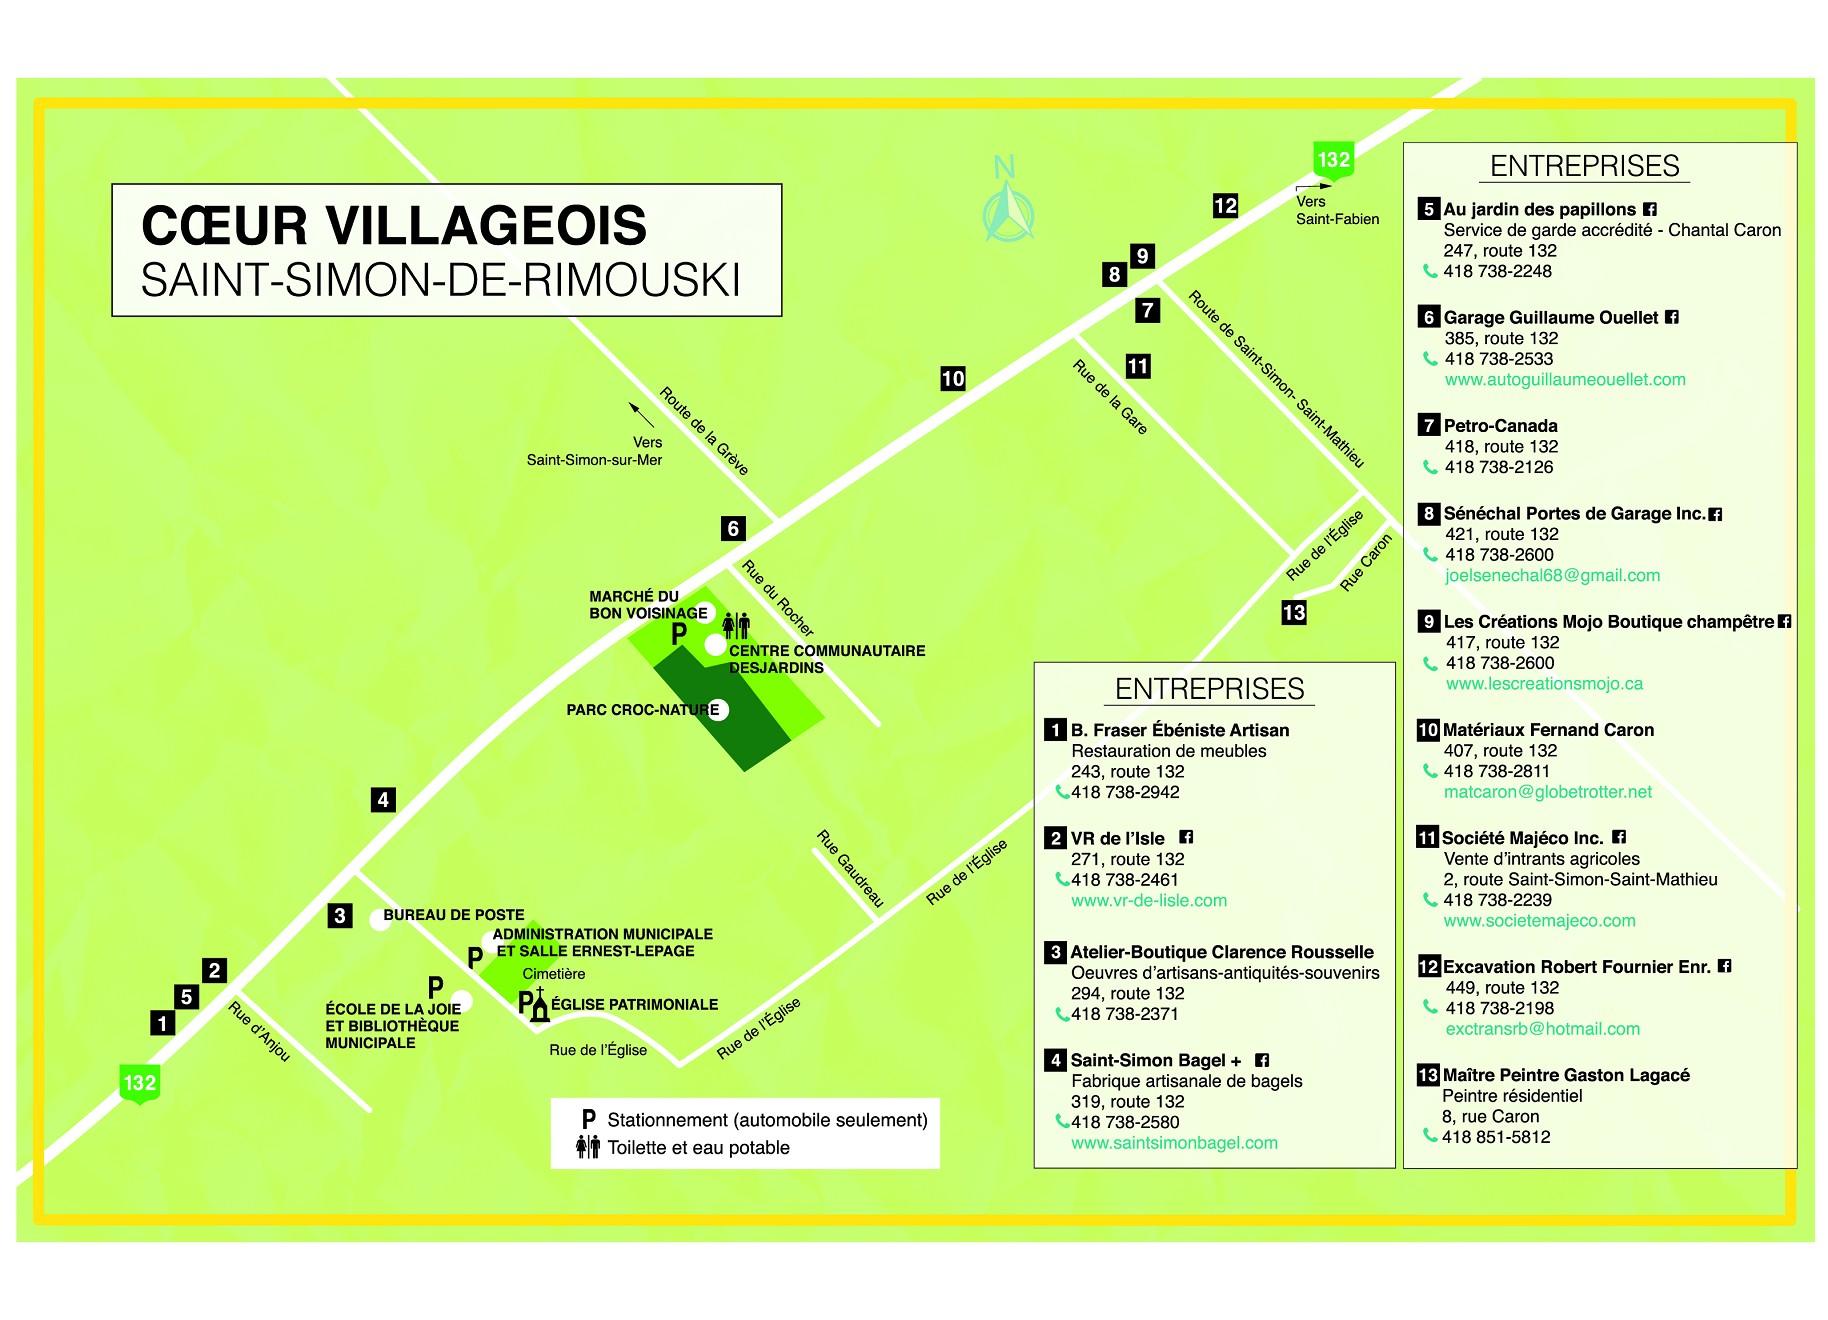 Carte cœur villageois de Saint-Simon-de-Rimouski